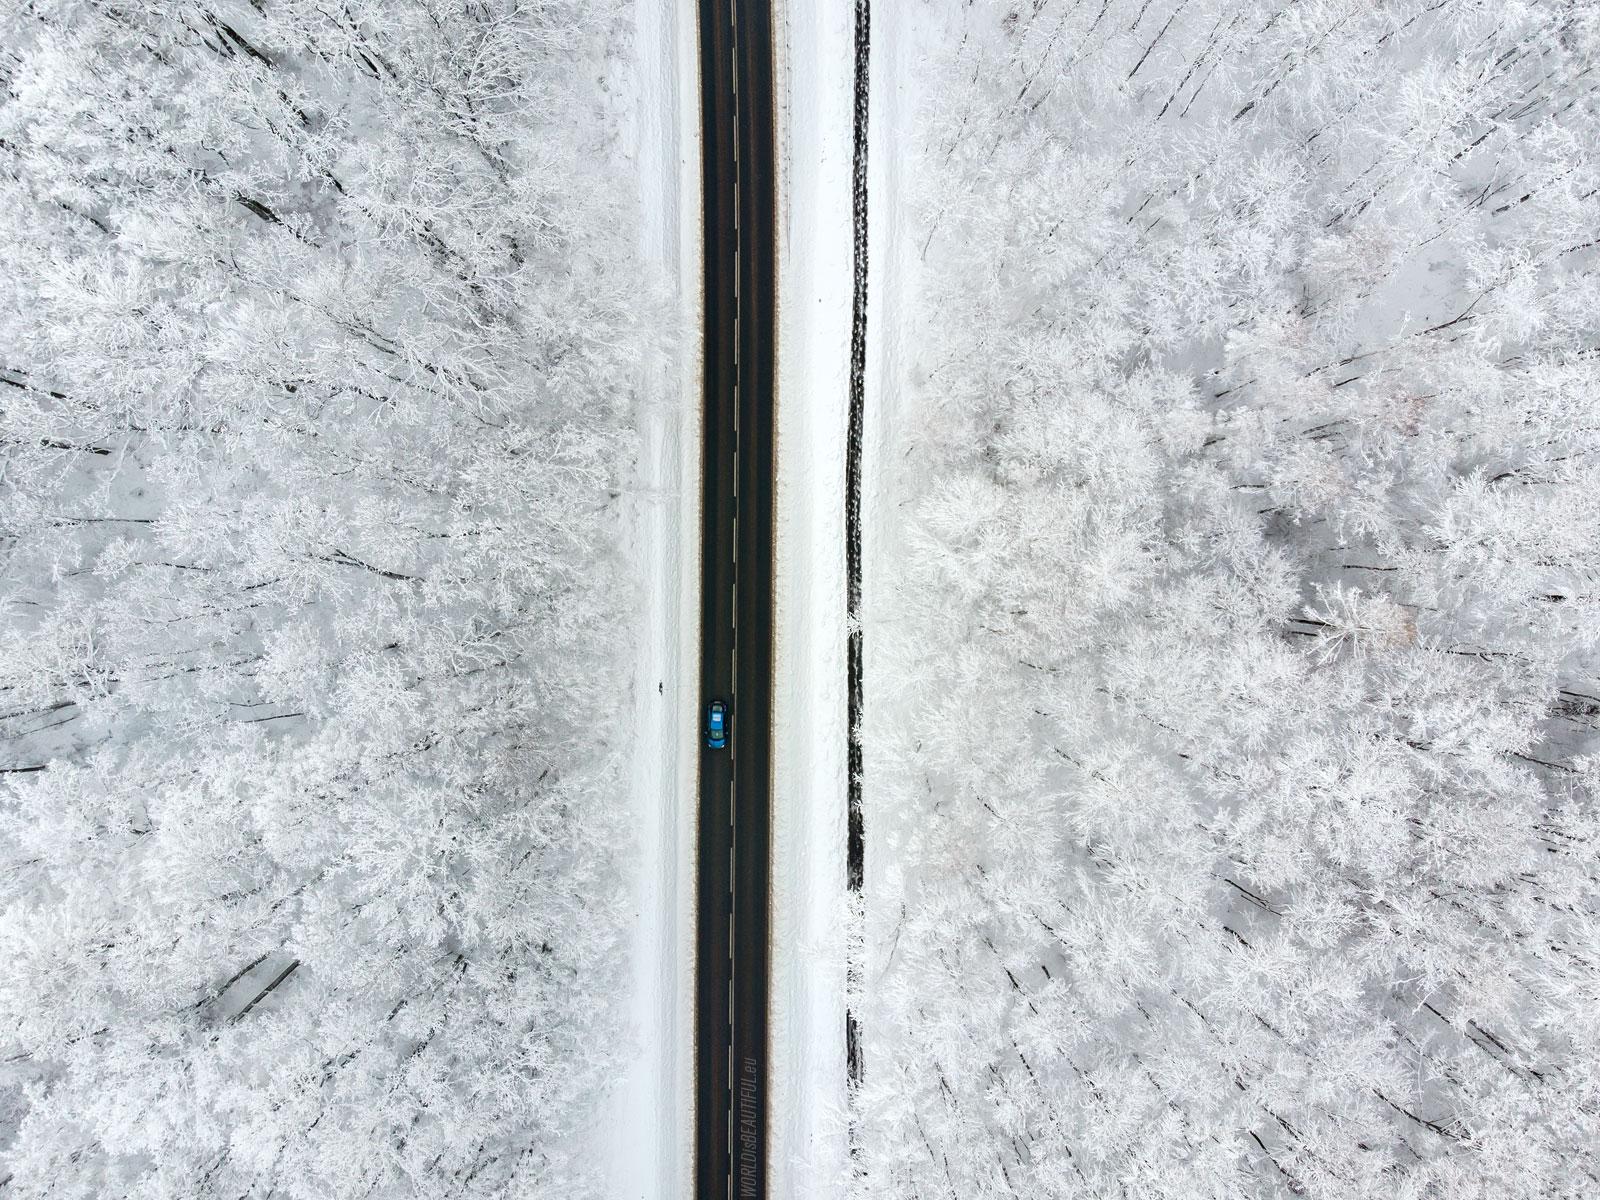 Winter drone photos